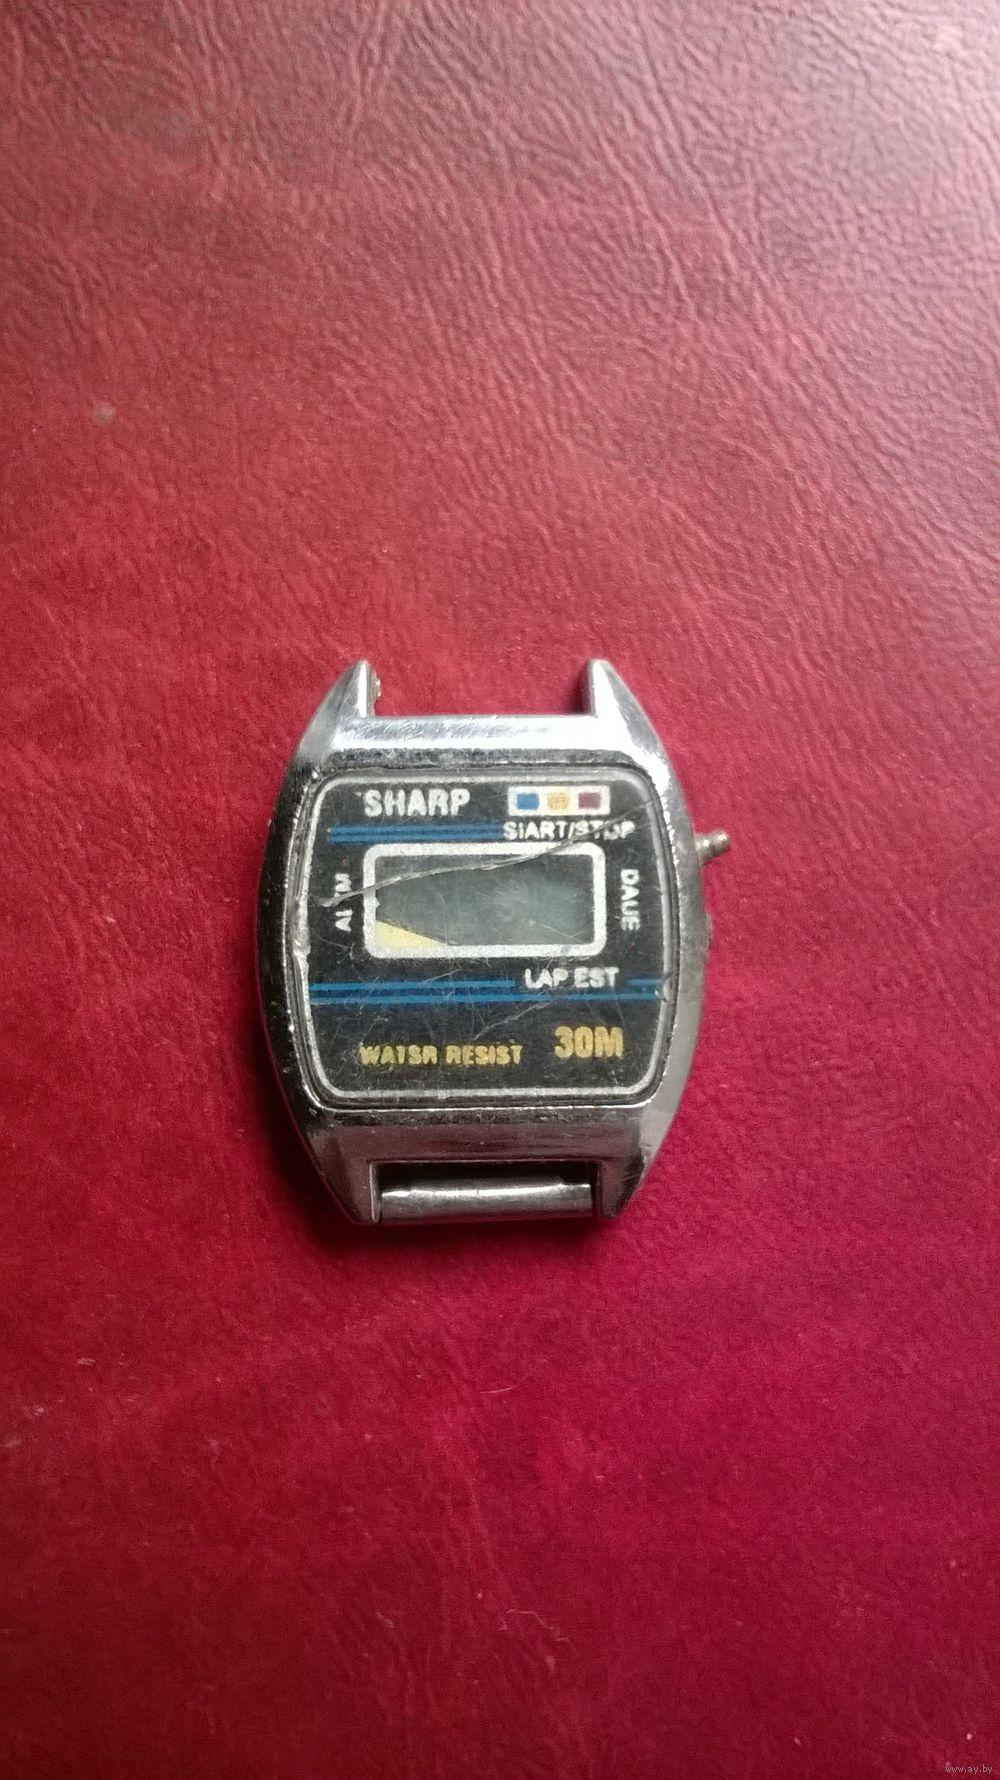 Наручные часы Sharp - quintryru